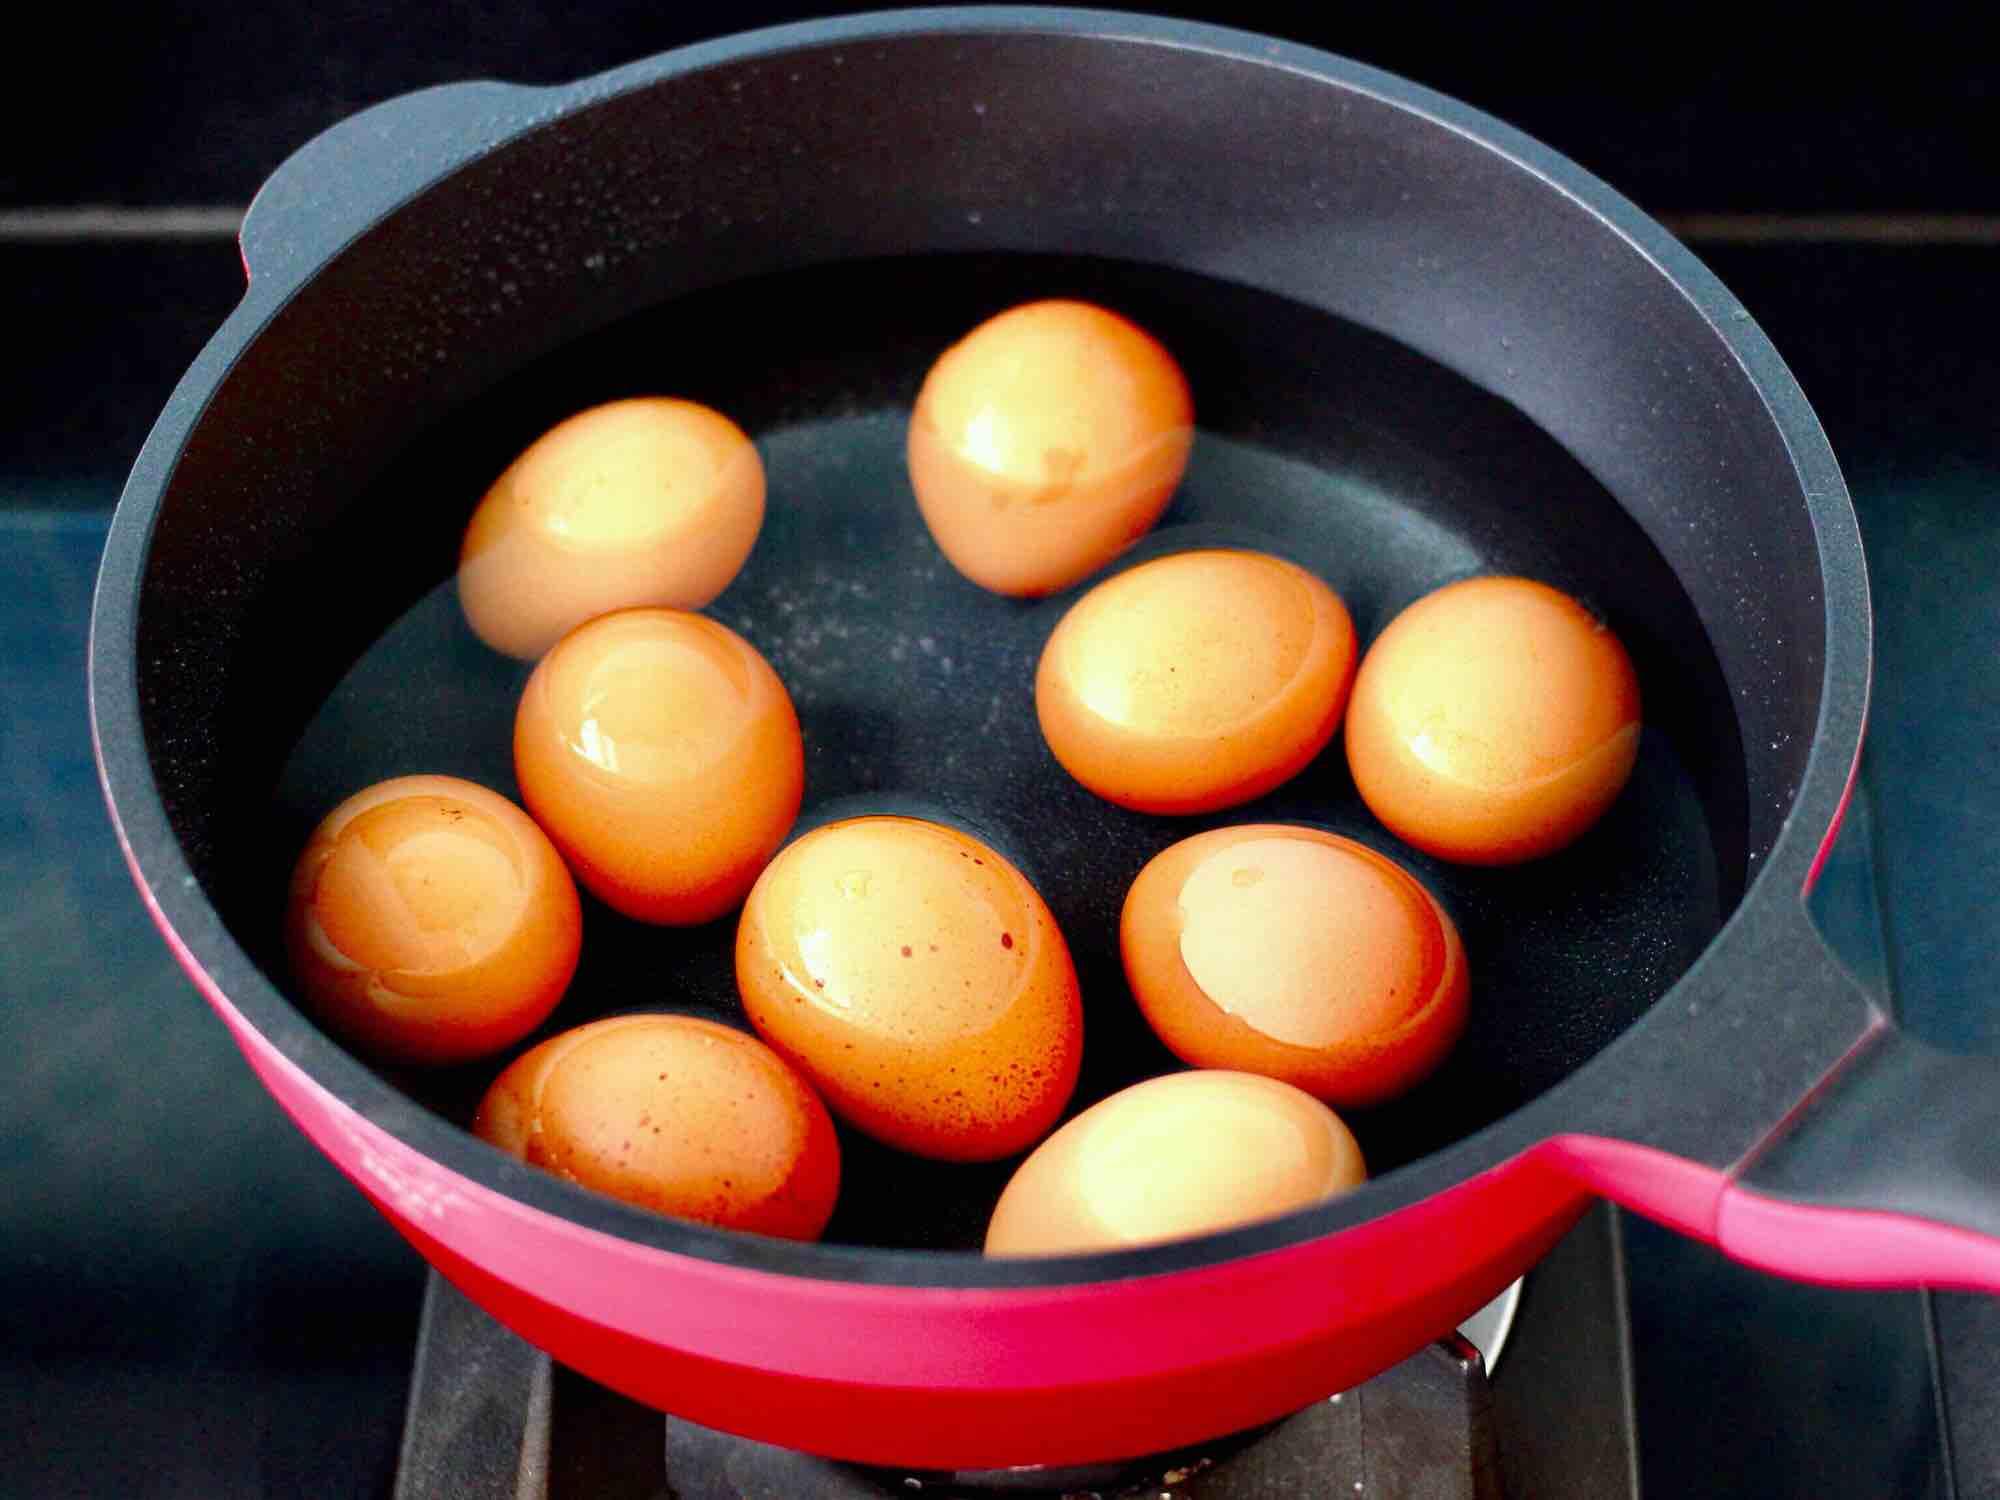 乌龙茶香卤鸡蛋的简单做法